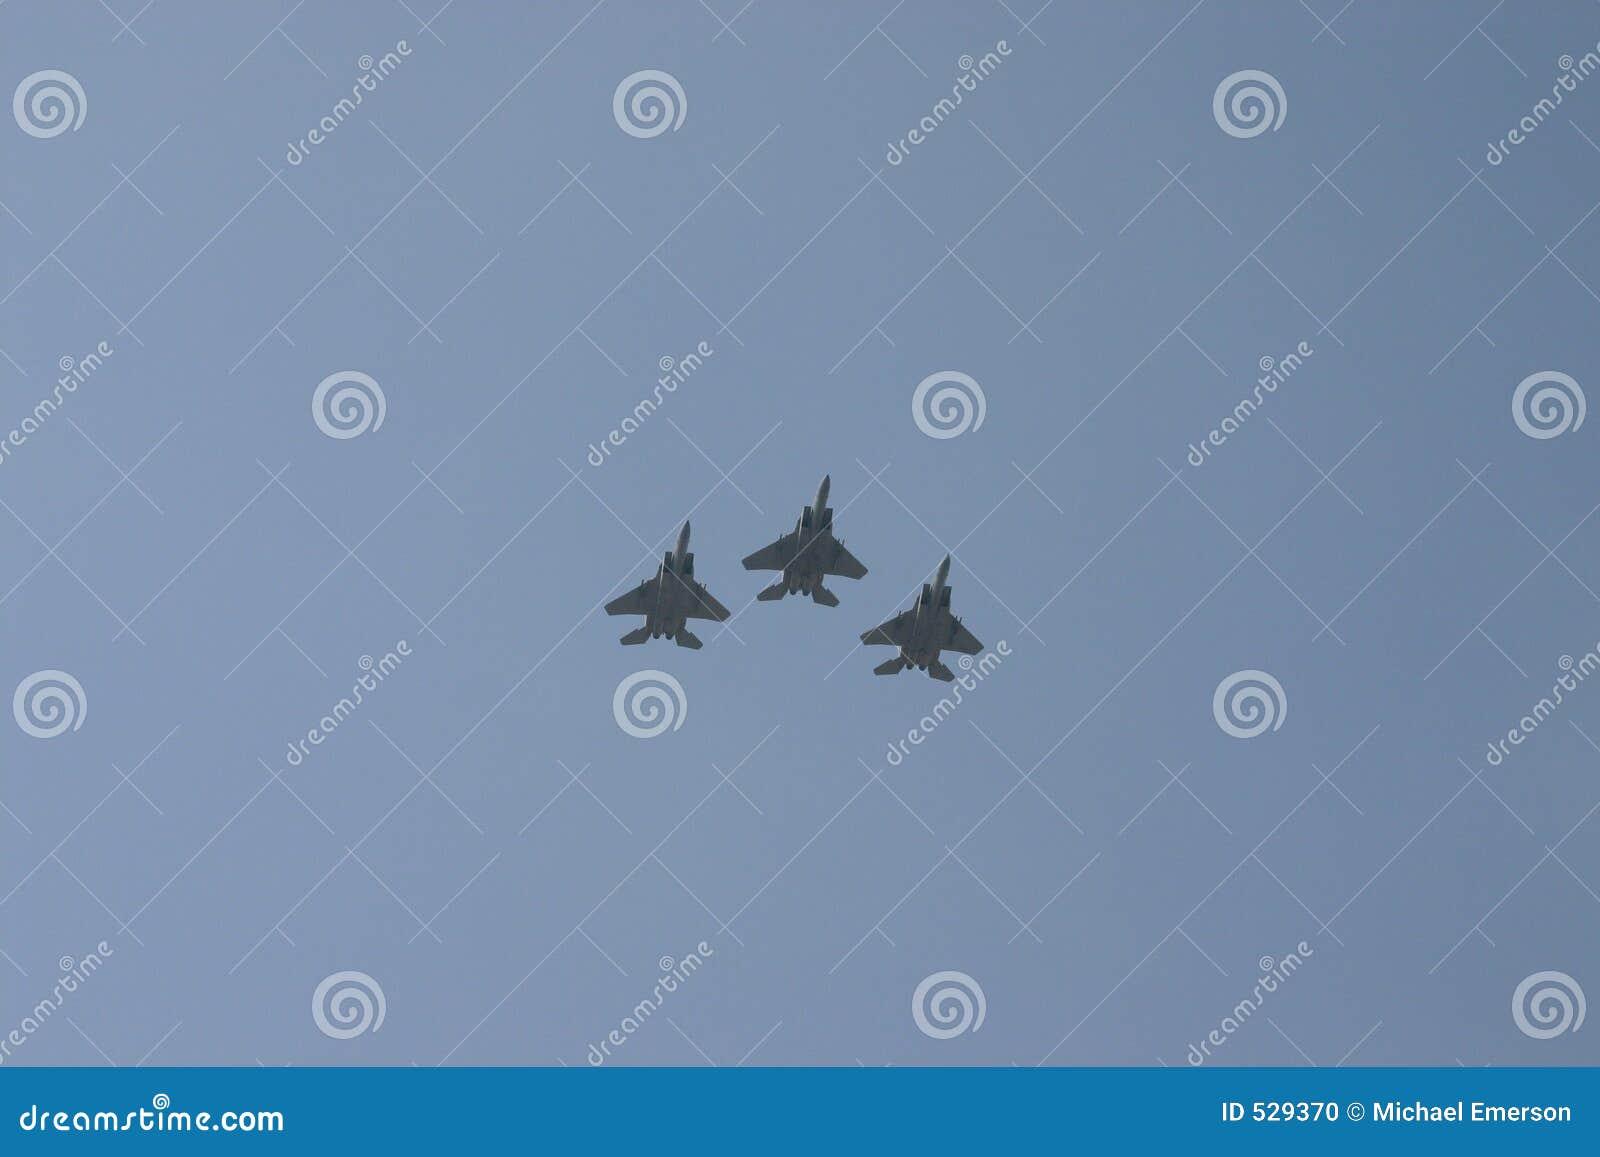 Download 飞行 库存照片. 图片 包括有 喷气机, 证券, 飞行, 爱国, 航空, 和平, 战争, 速度, 飞机, 形成 - 529370